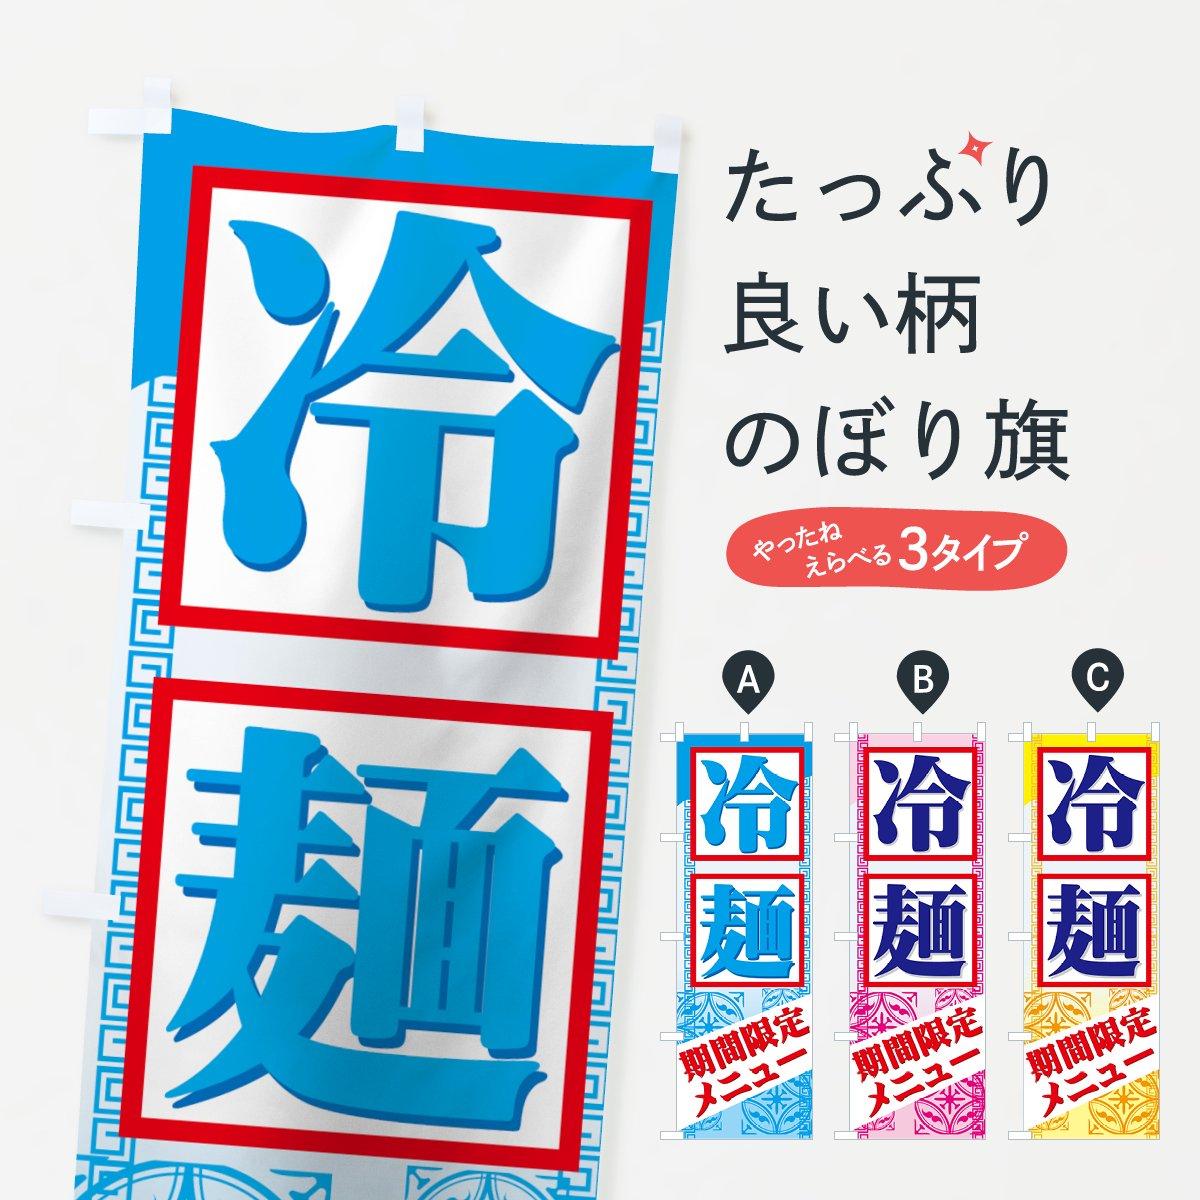 冷麺のぼり旗【期間限定メニュー】[焼肉・韓国料理]